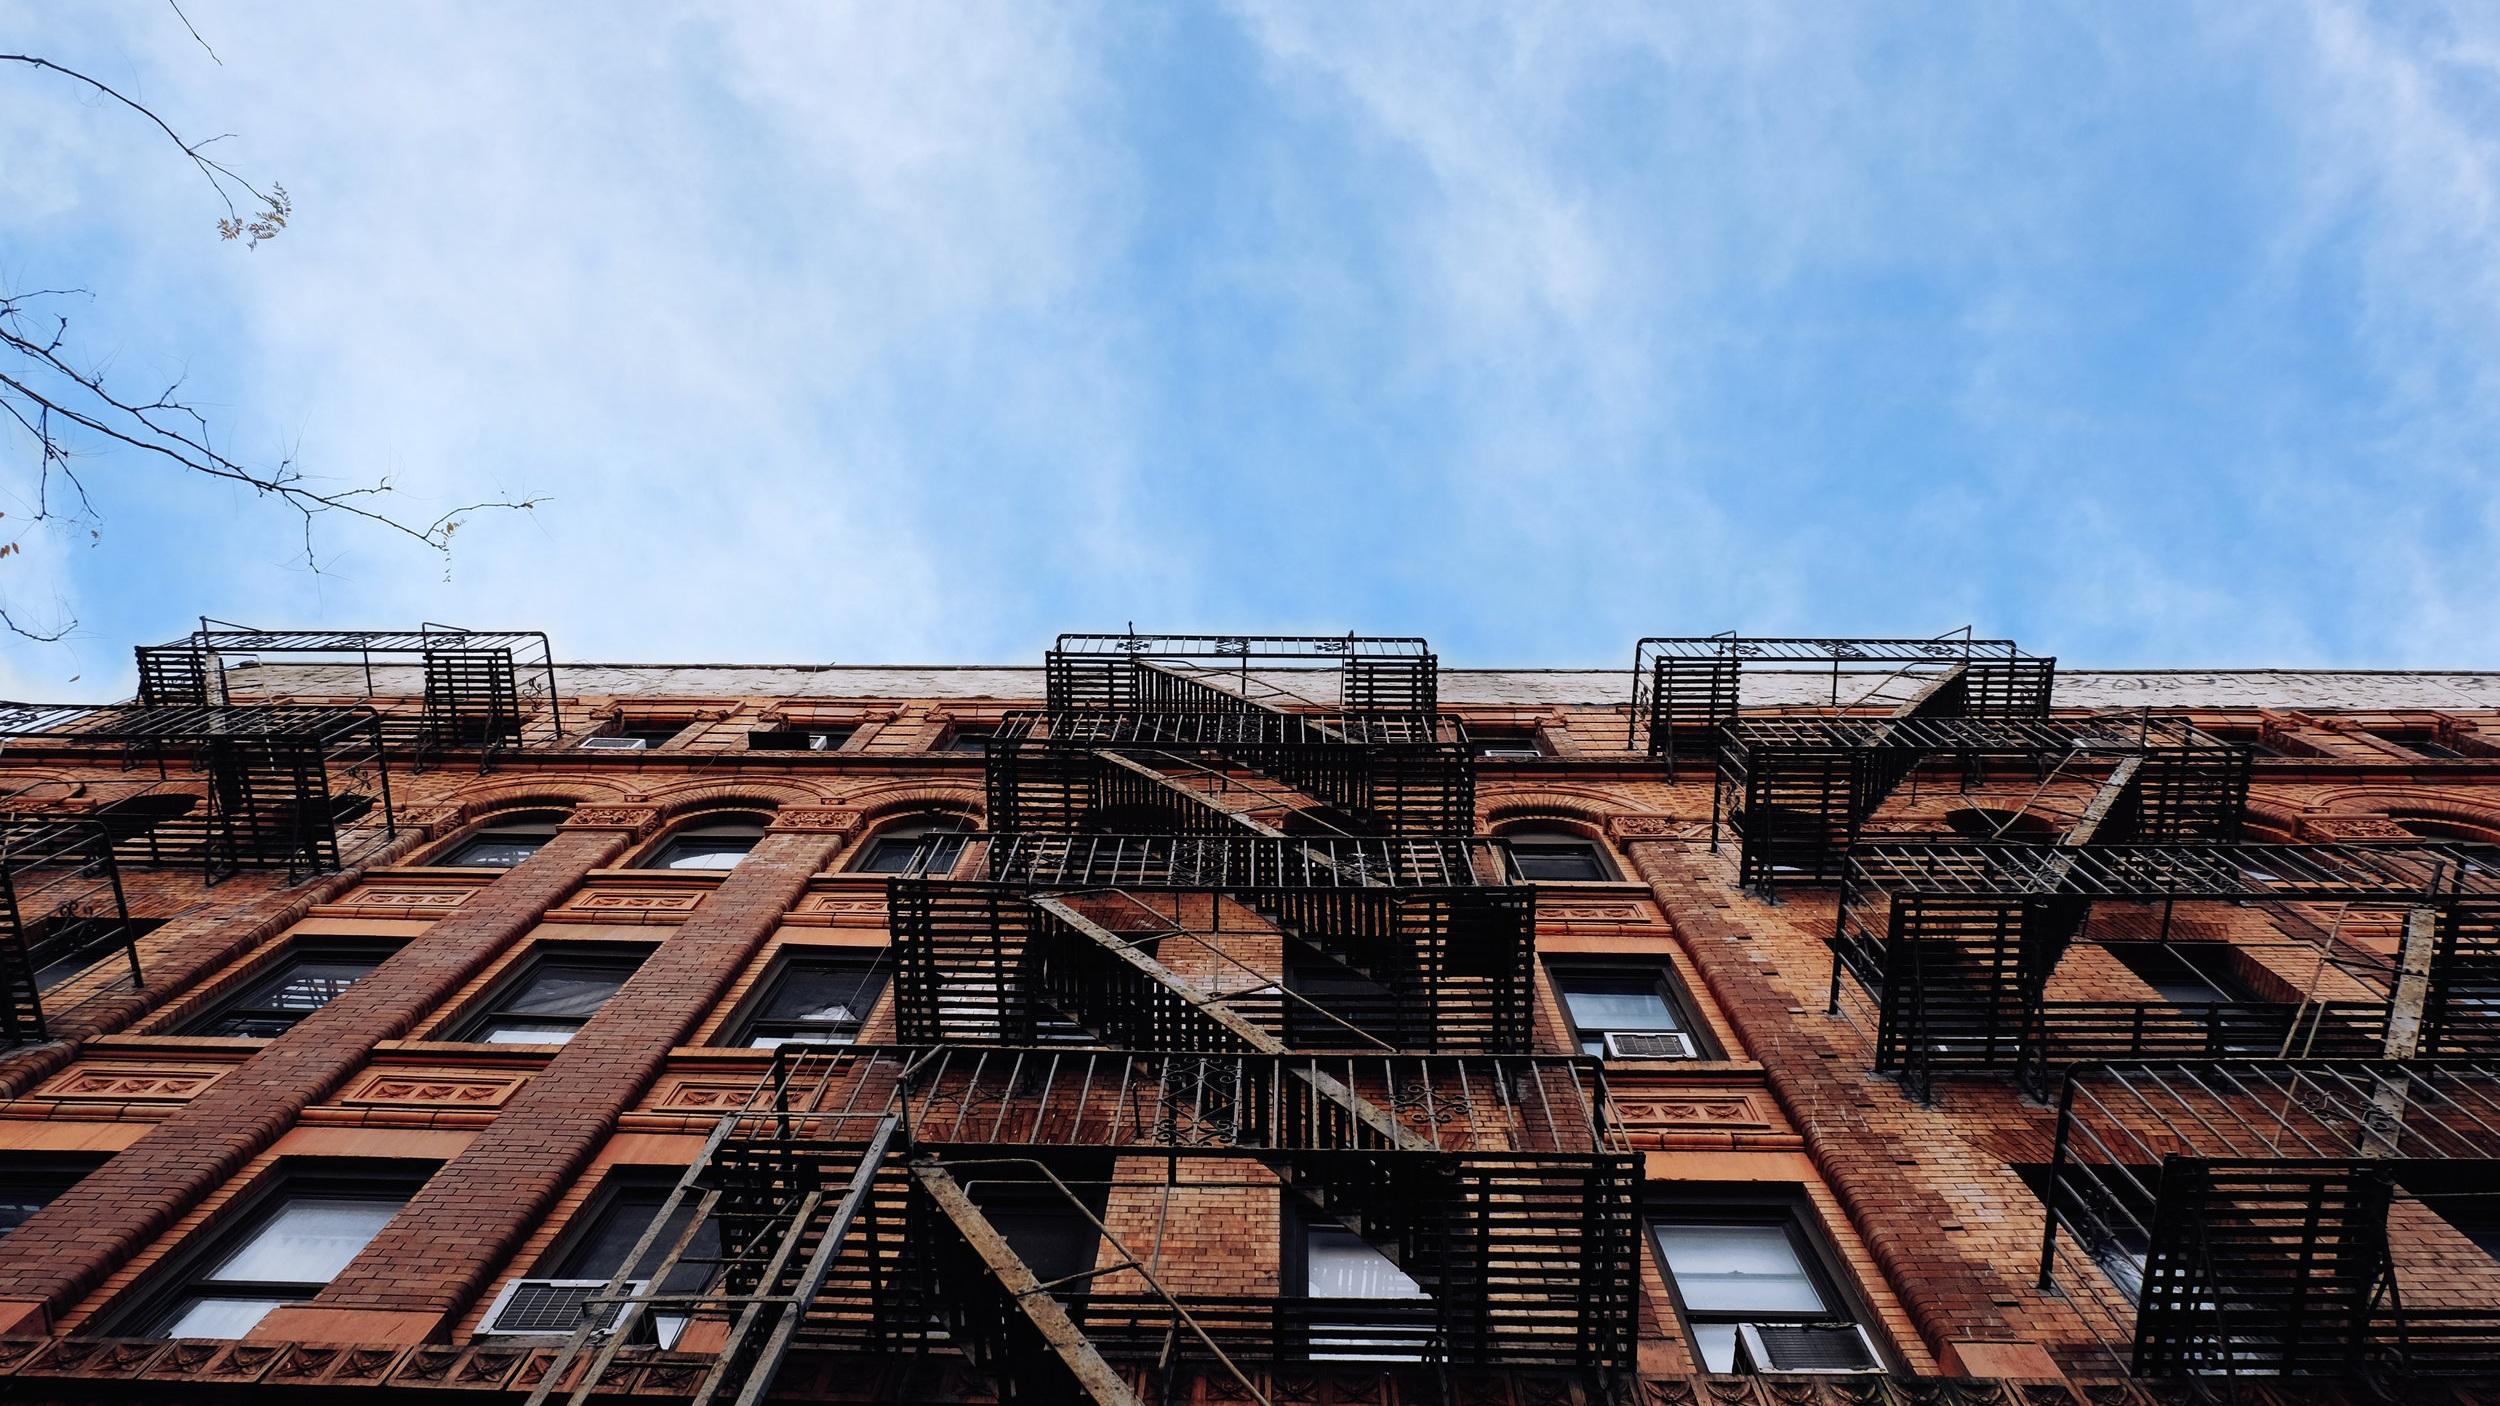 DAG 4 - Börja utforska New York på egen hand. I resans pris ingår ett busspass för dubbeldäckarna i staden. Det är en så kallad Hop on/Hop off-buss där du under 72 timmar kan hoppa på och av precis som du vill i tre olika rutter. Ett mycket smidigt sätt att se så mycket som möjligt av New York och Brooklyn.